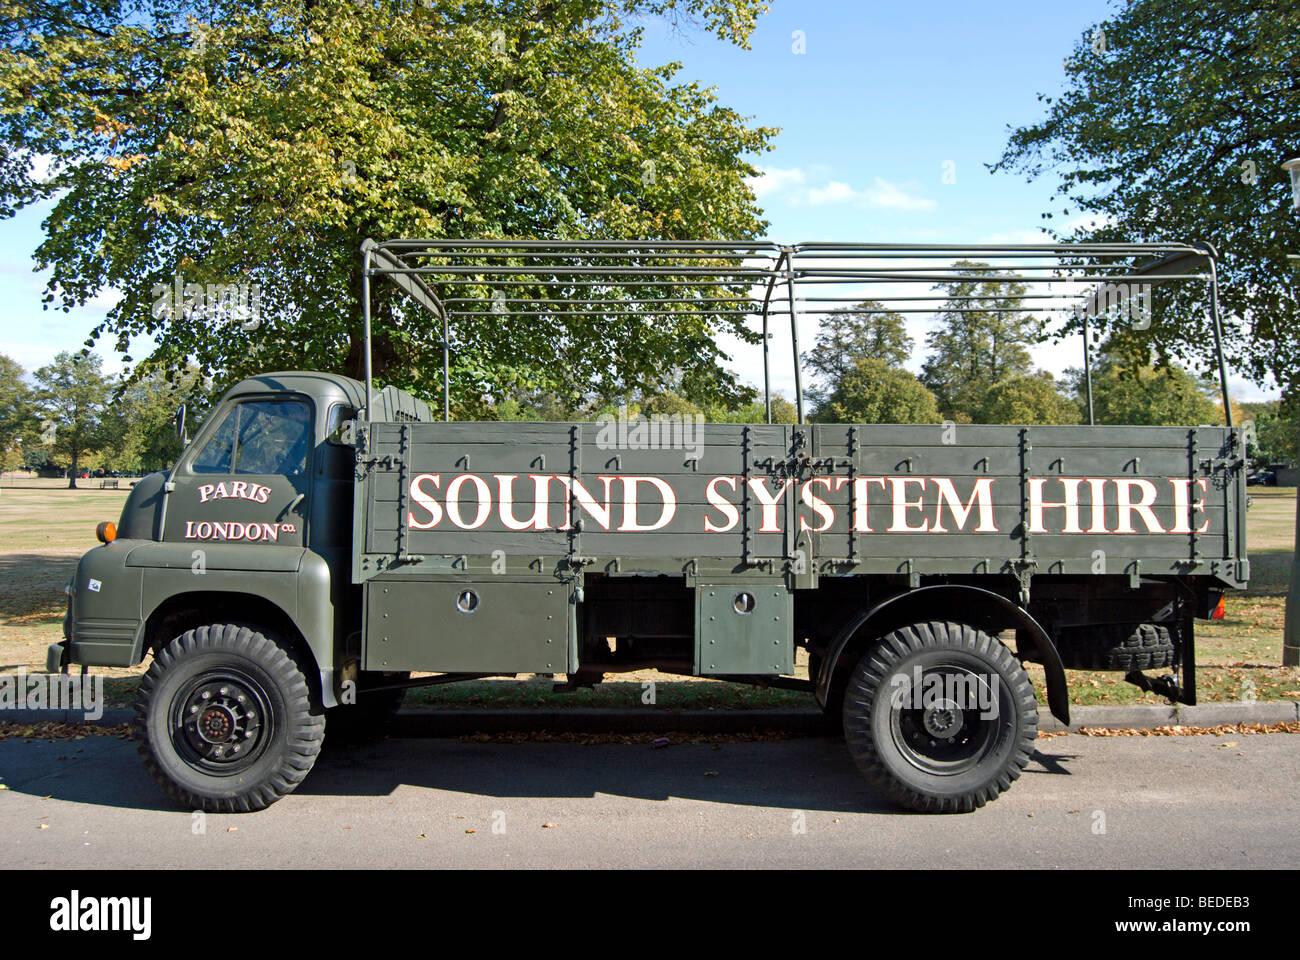 open top milit rstil lkw mit sound system mieten schablone. Black Bedroom Furniture Sets. Home Design Ideas